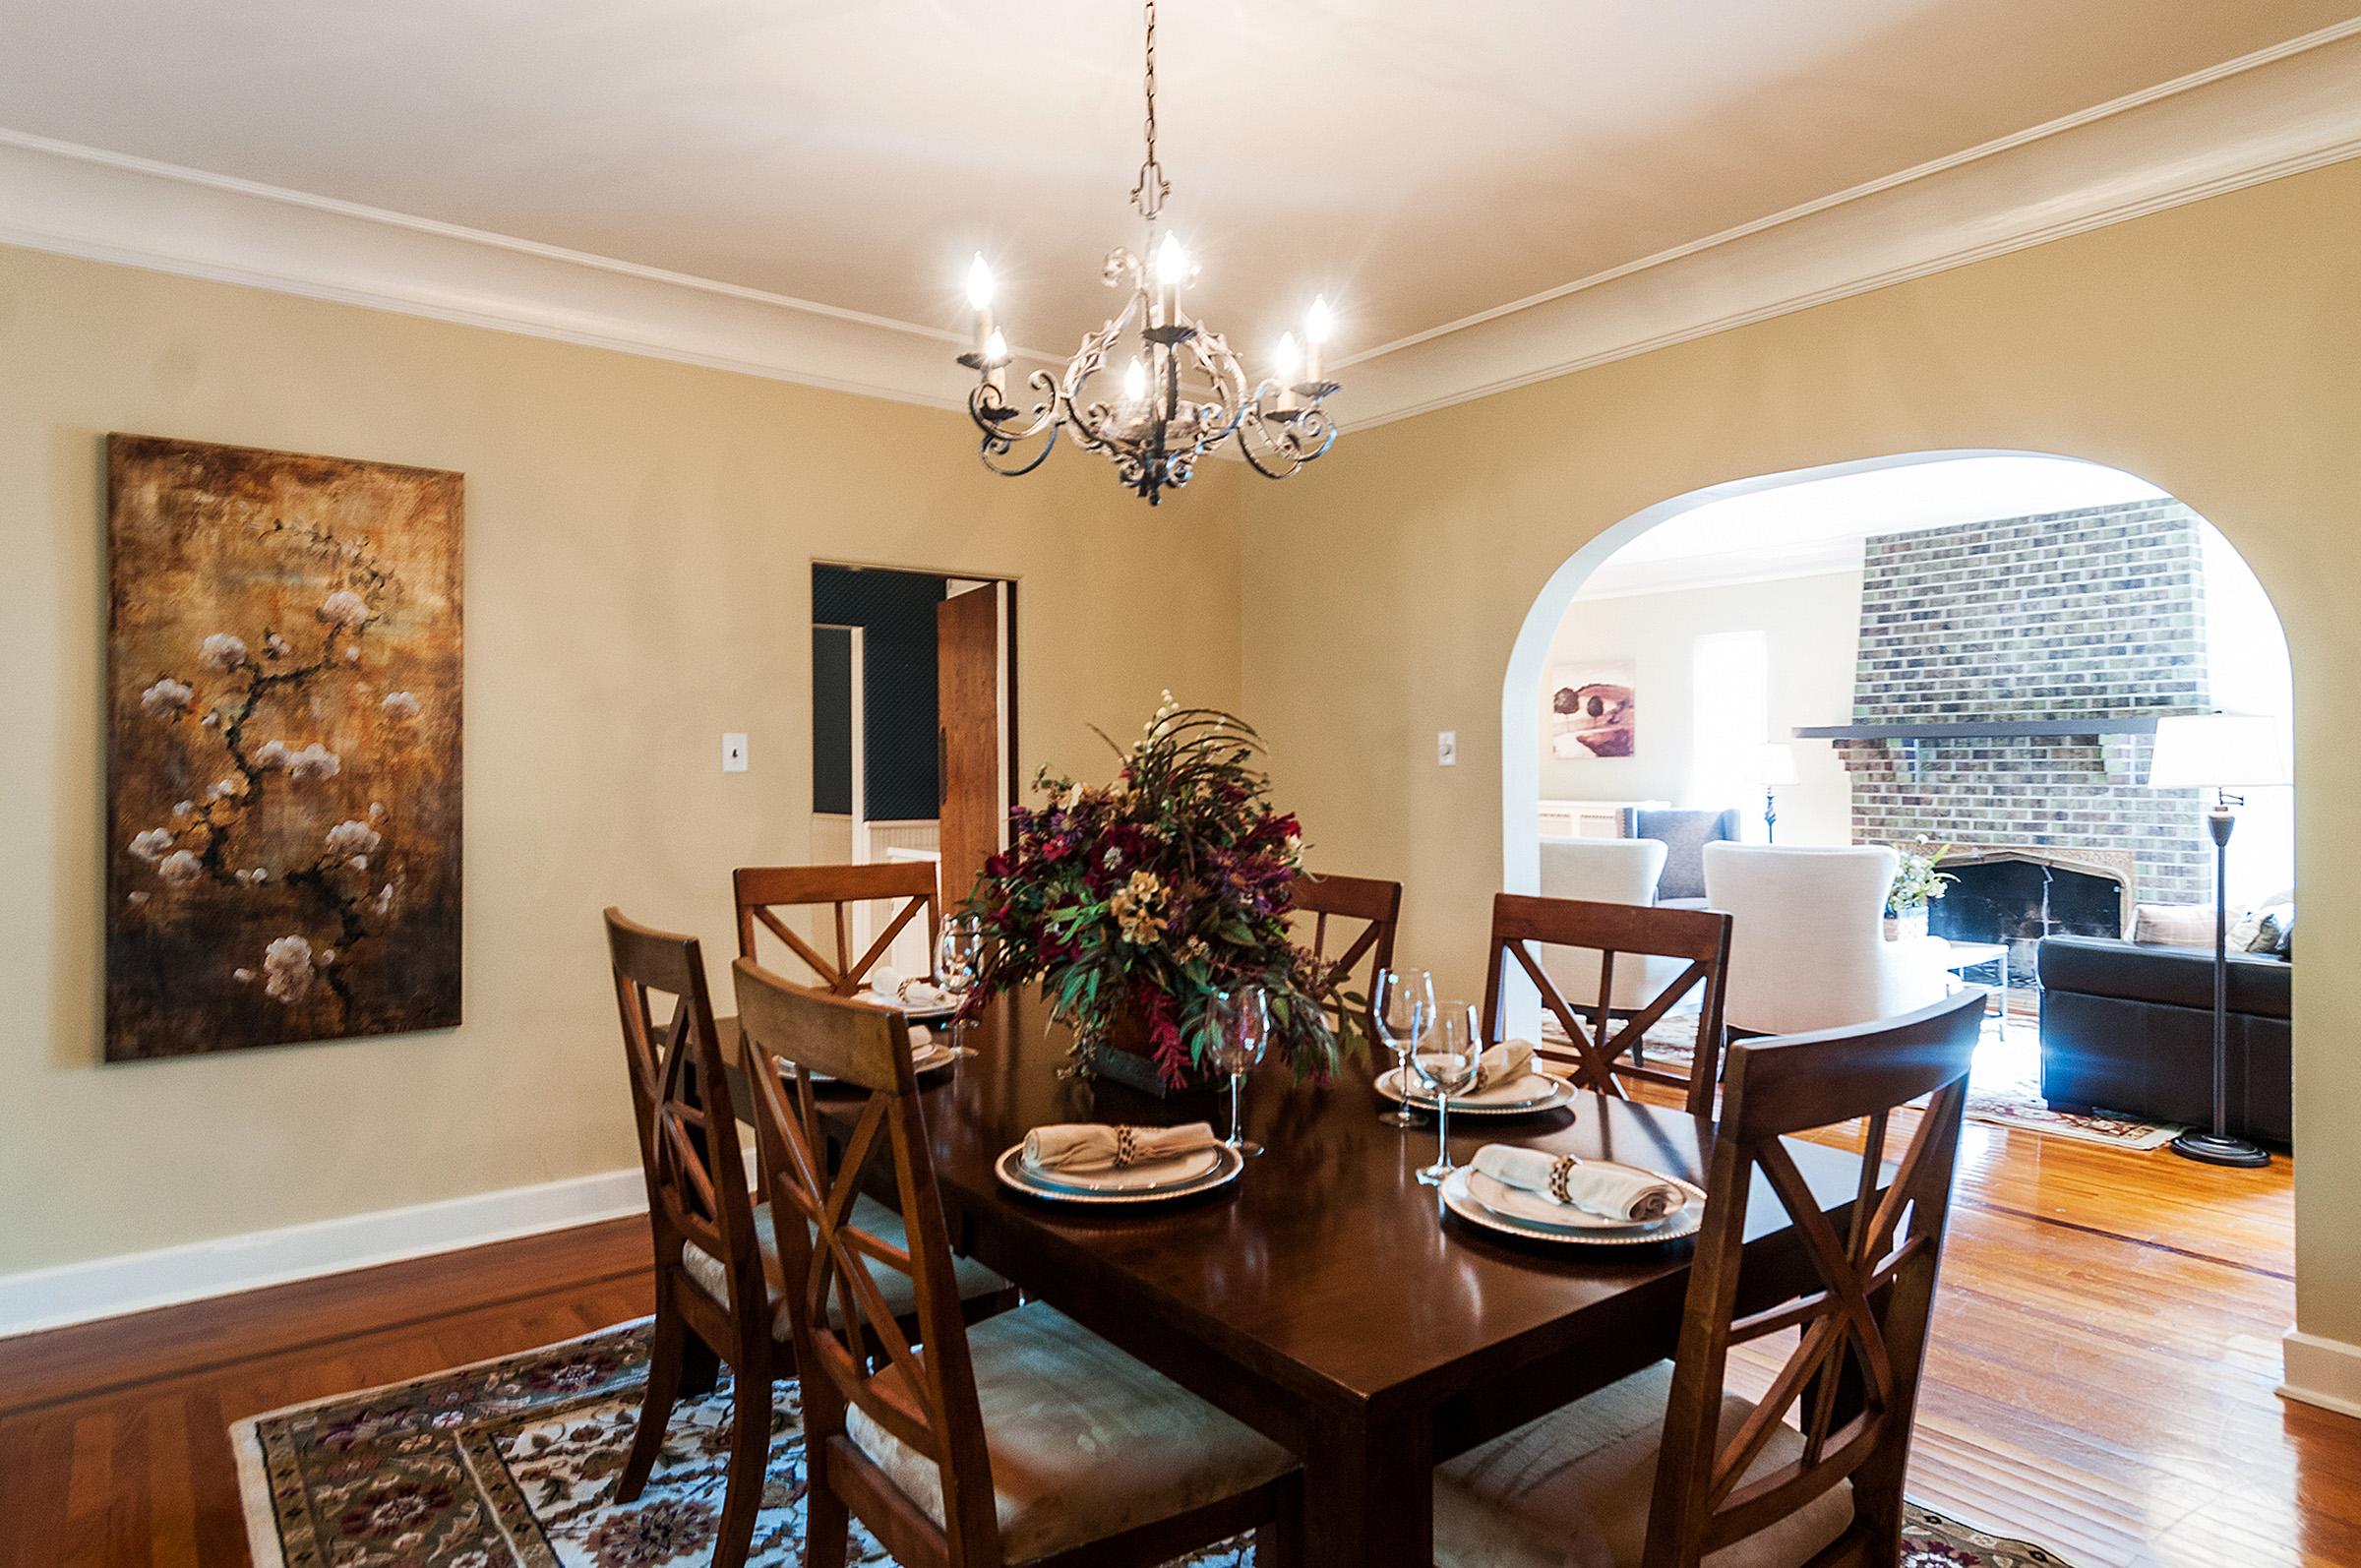 1087642_Dining-Room_high.jpg